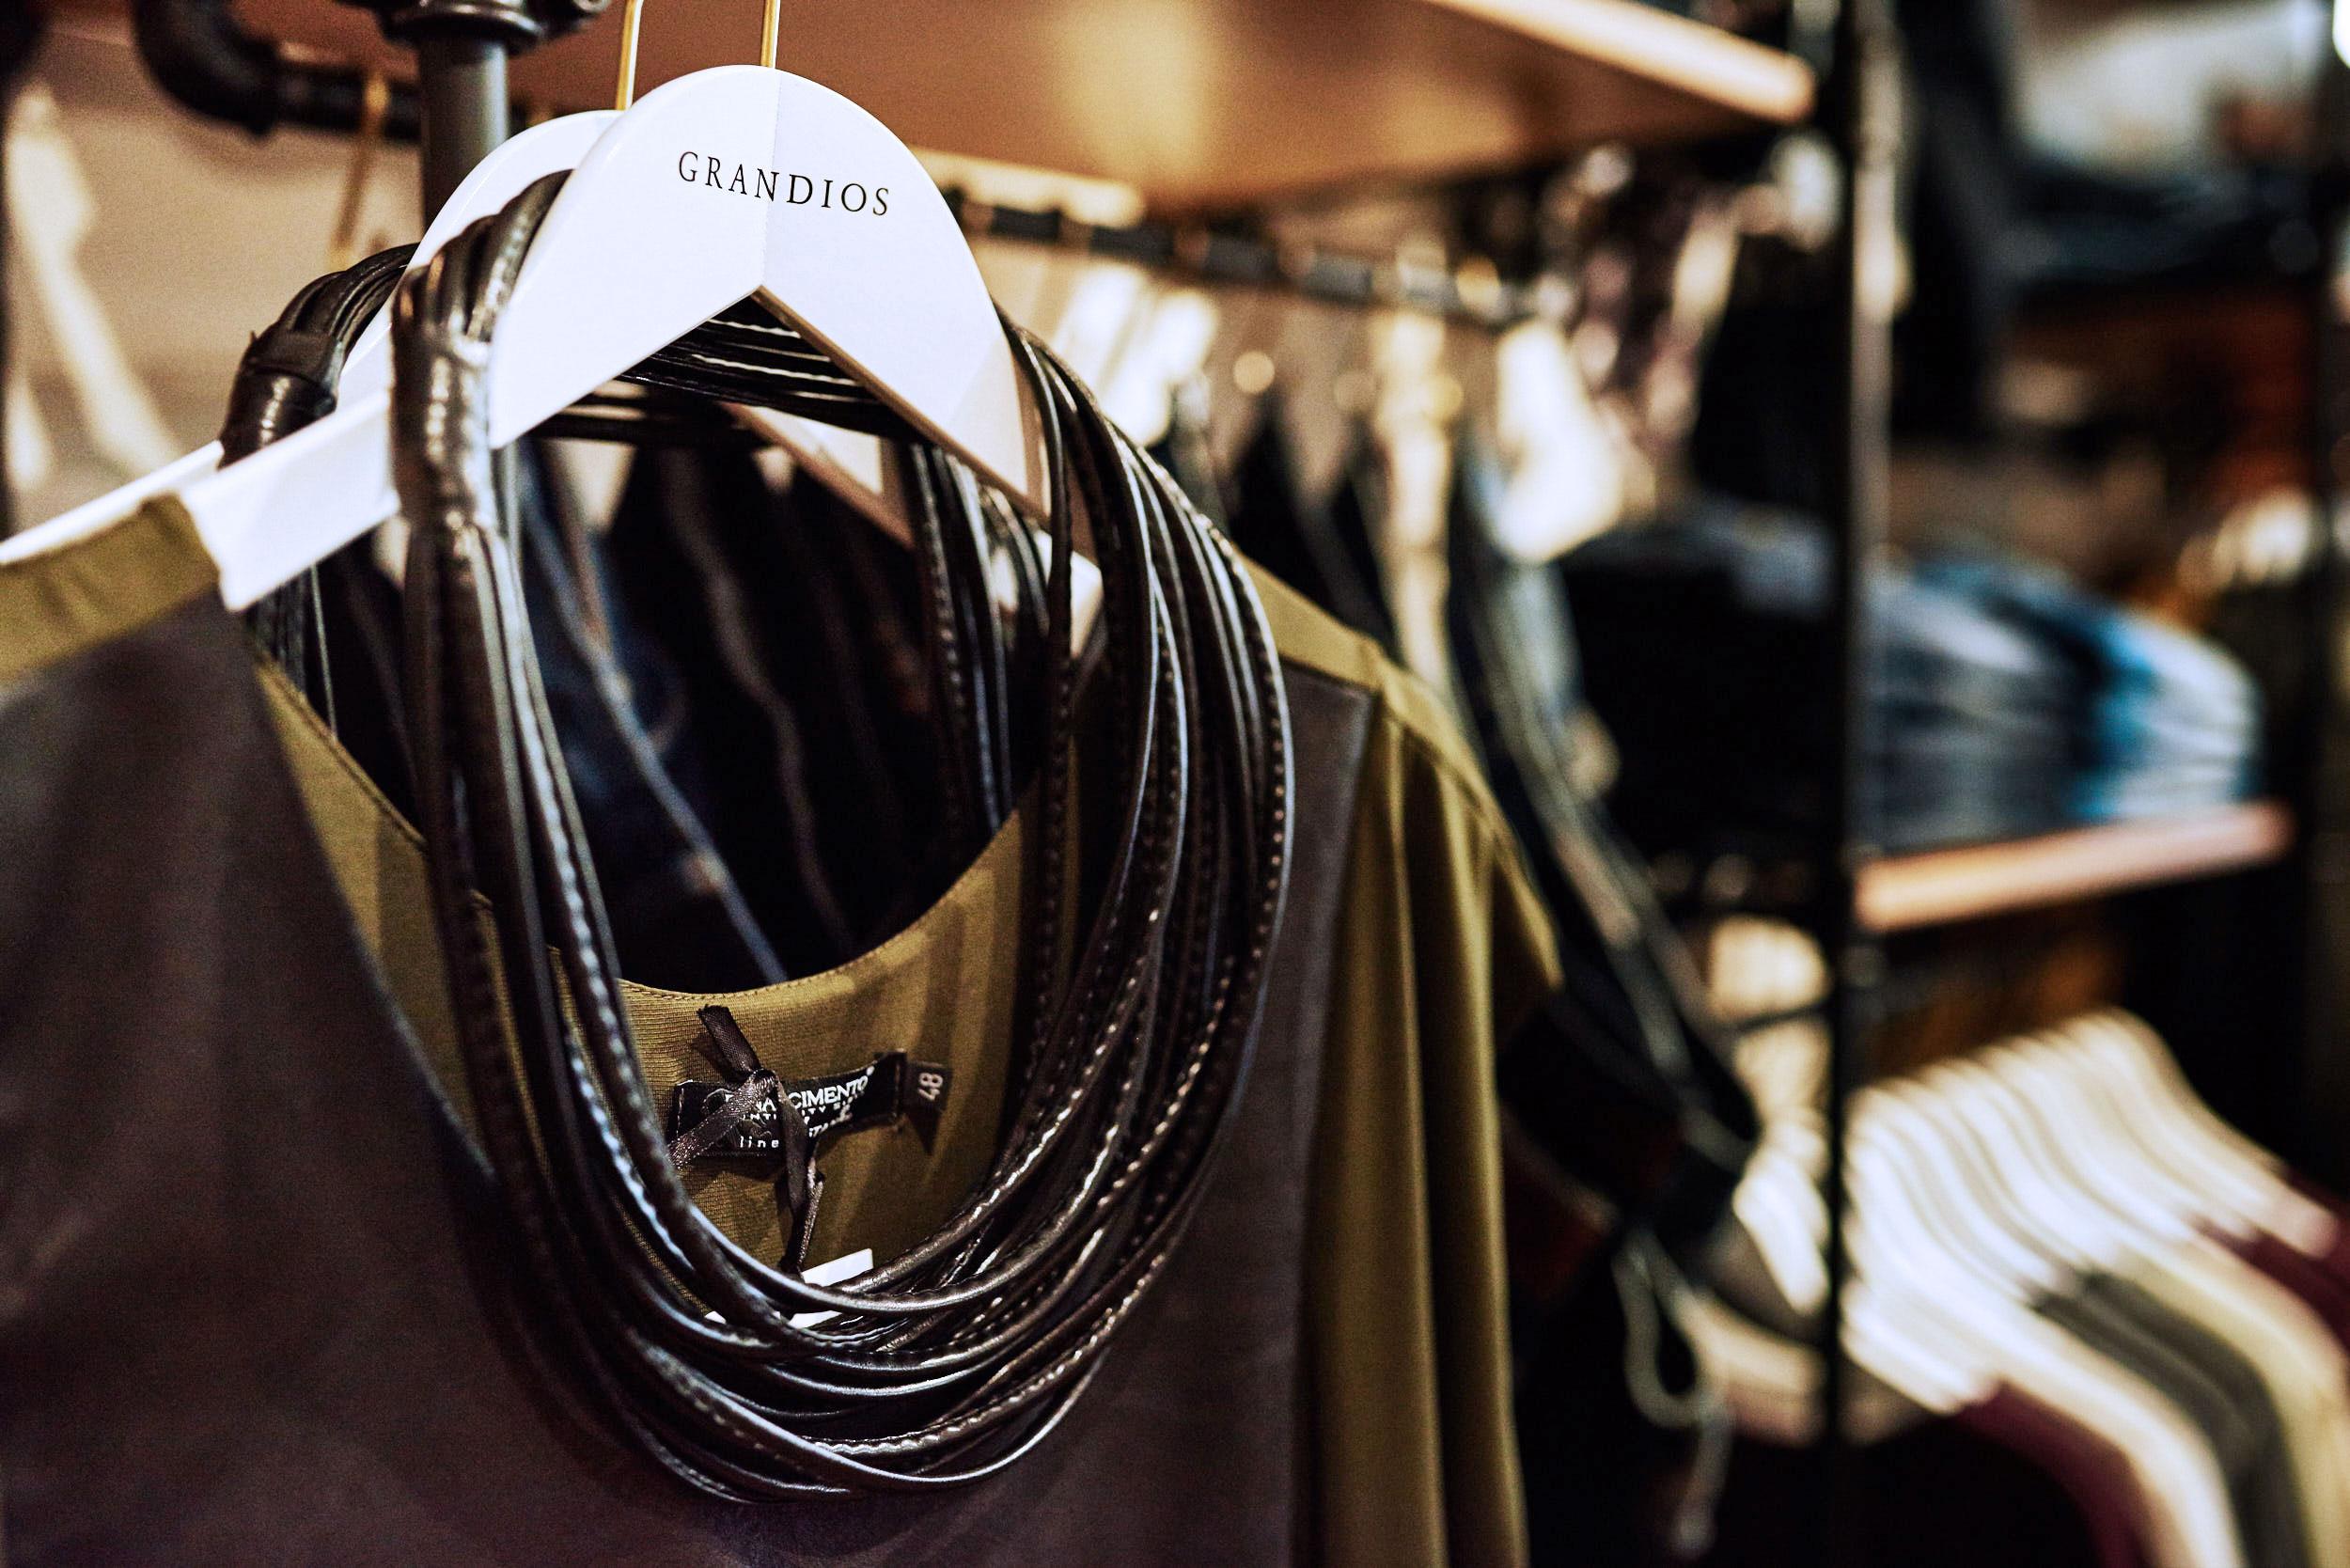 boutique-grandios-vienna-otto-bauer-gasse-11-wien-mariahilferstrase-kardiaserena-plus-size-fashion-outfit-wohnzimmer-feeling